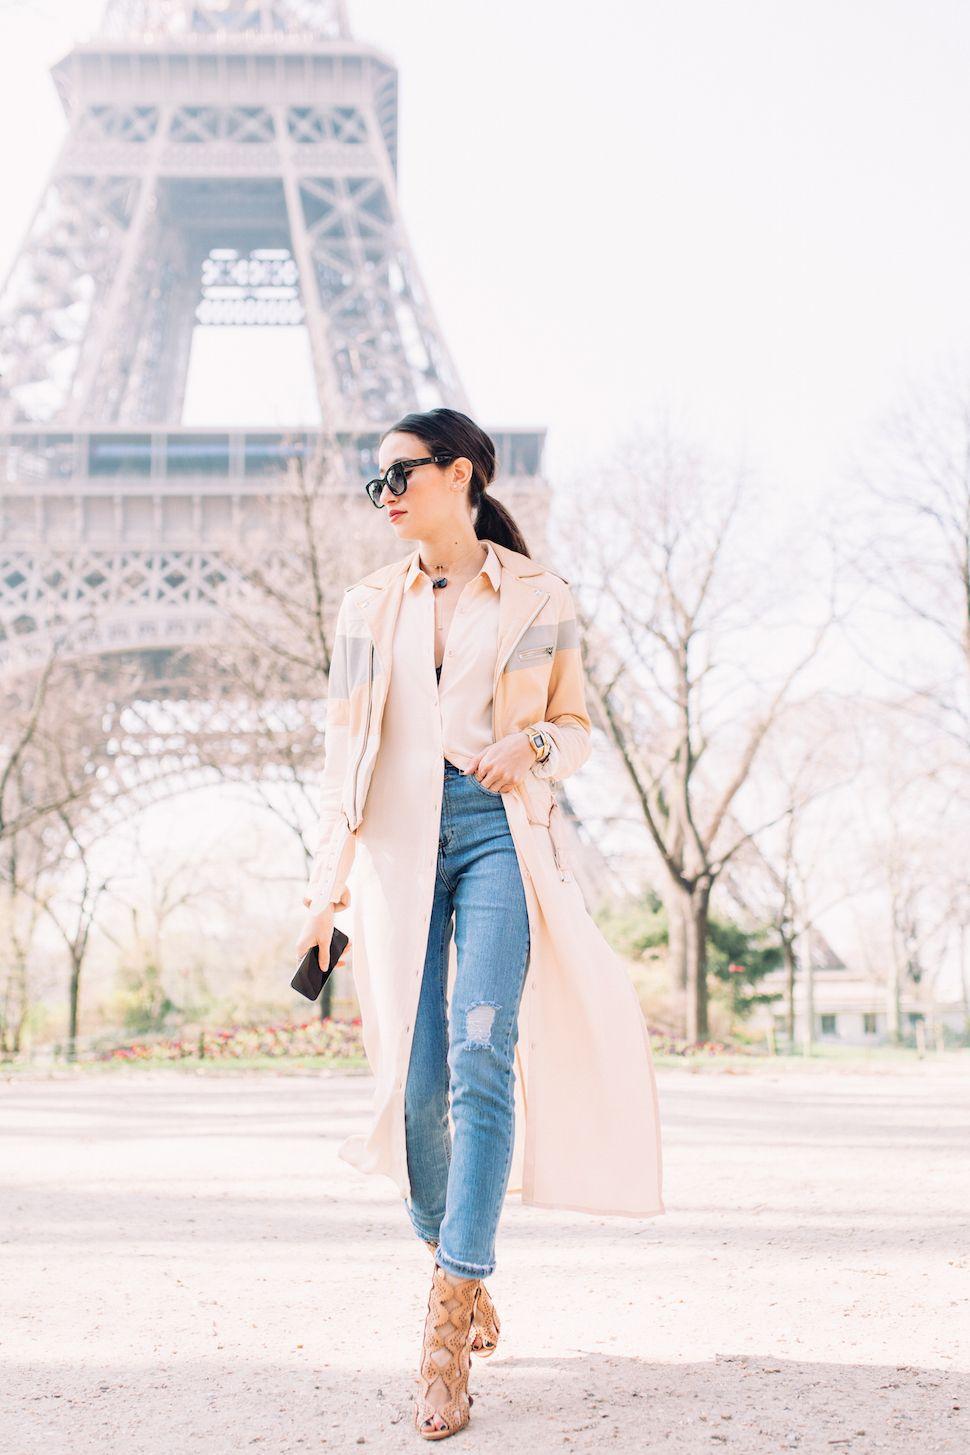 BACK IN PARIS